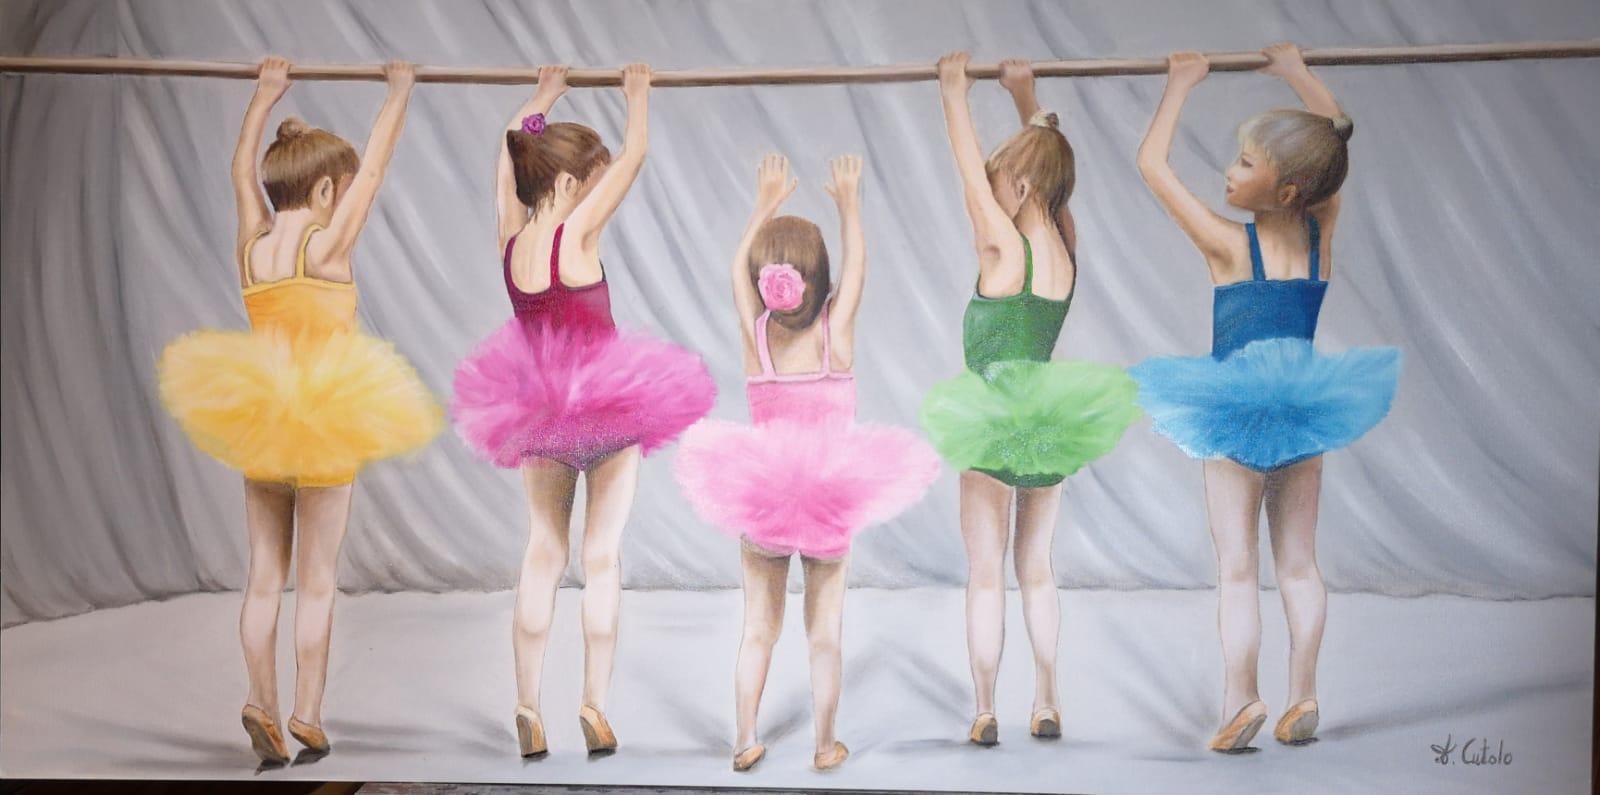 L'Angolo di Marta Lock: Musicalità e leggerezza del ballo nelle opere Neorealiste di Angela Cutolo